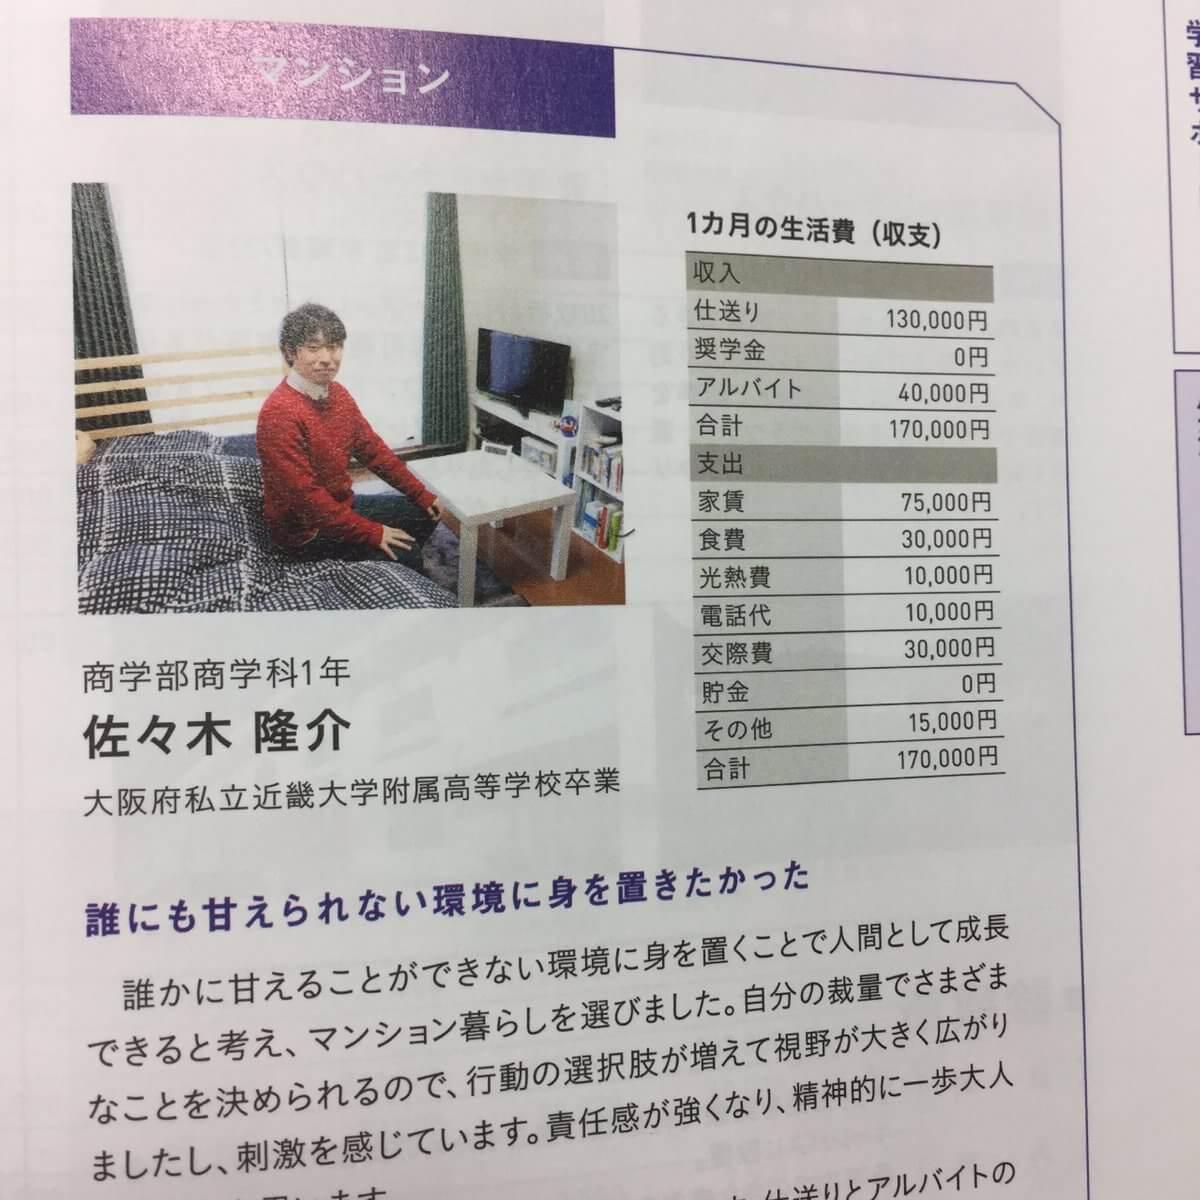 https://livedoor.blogimg.jp/oomonoyoutuber/imgs/9/a/9af595df.jpg